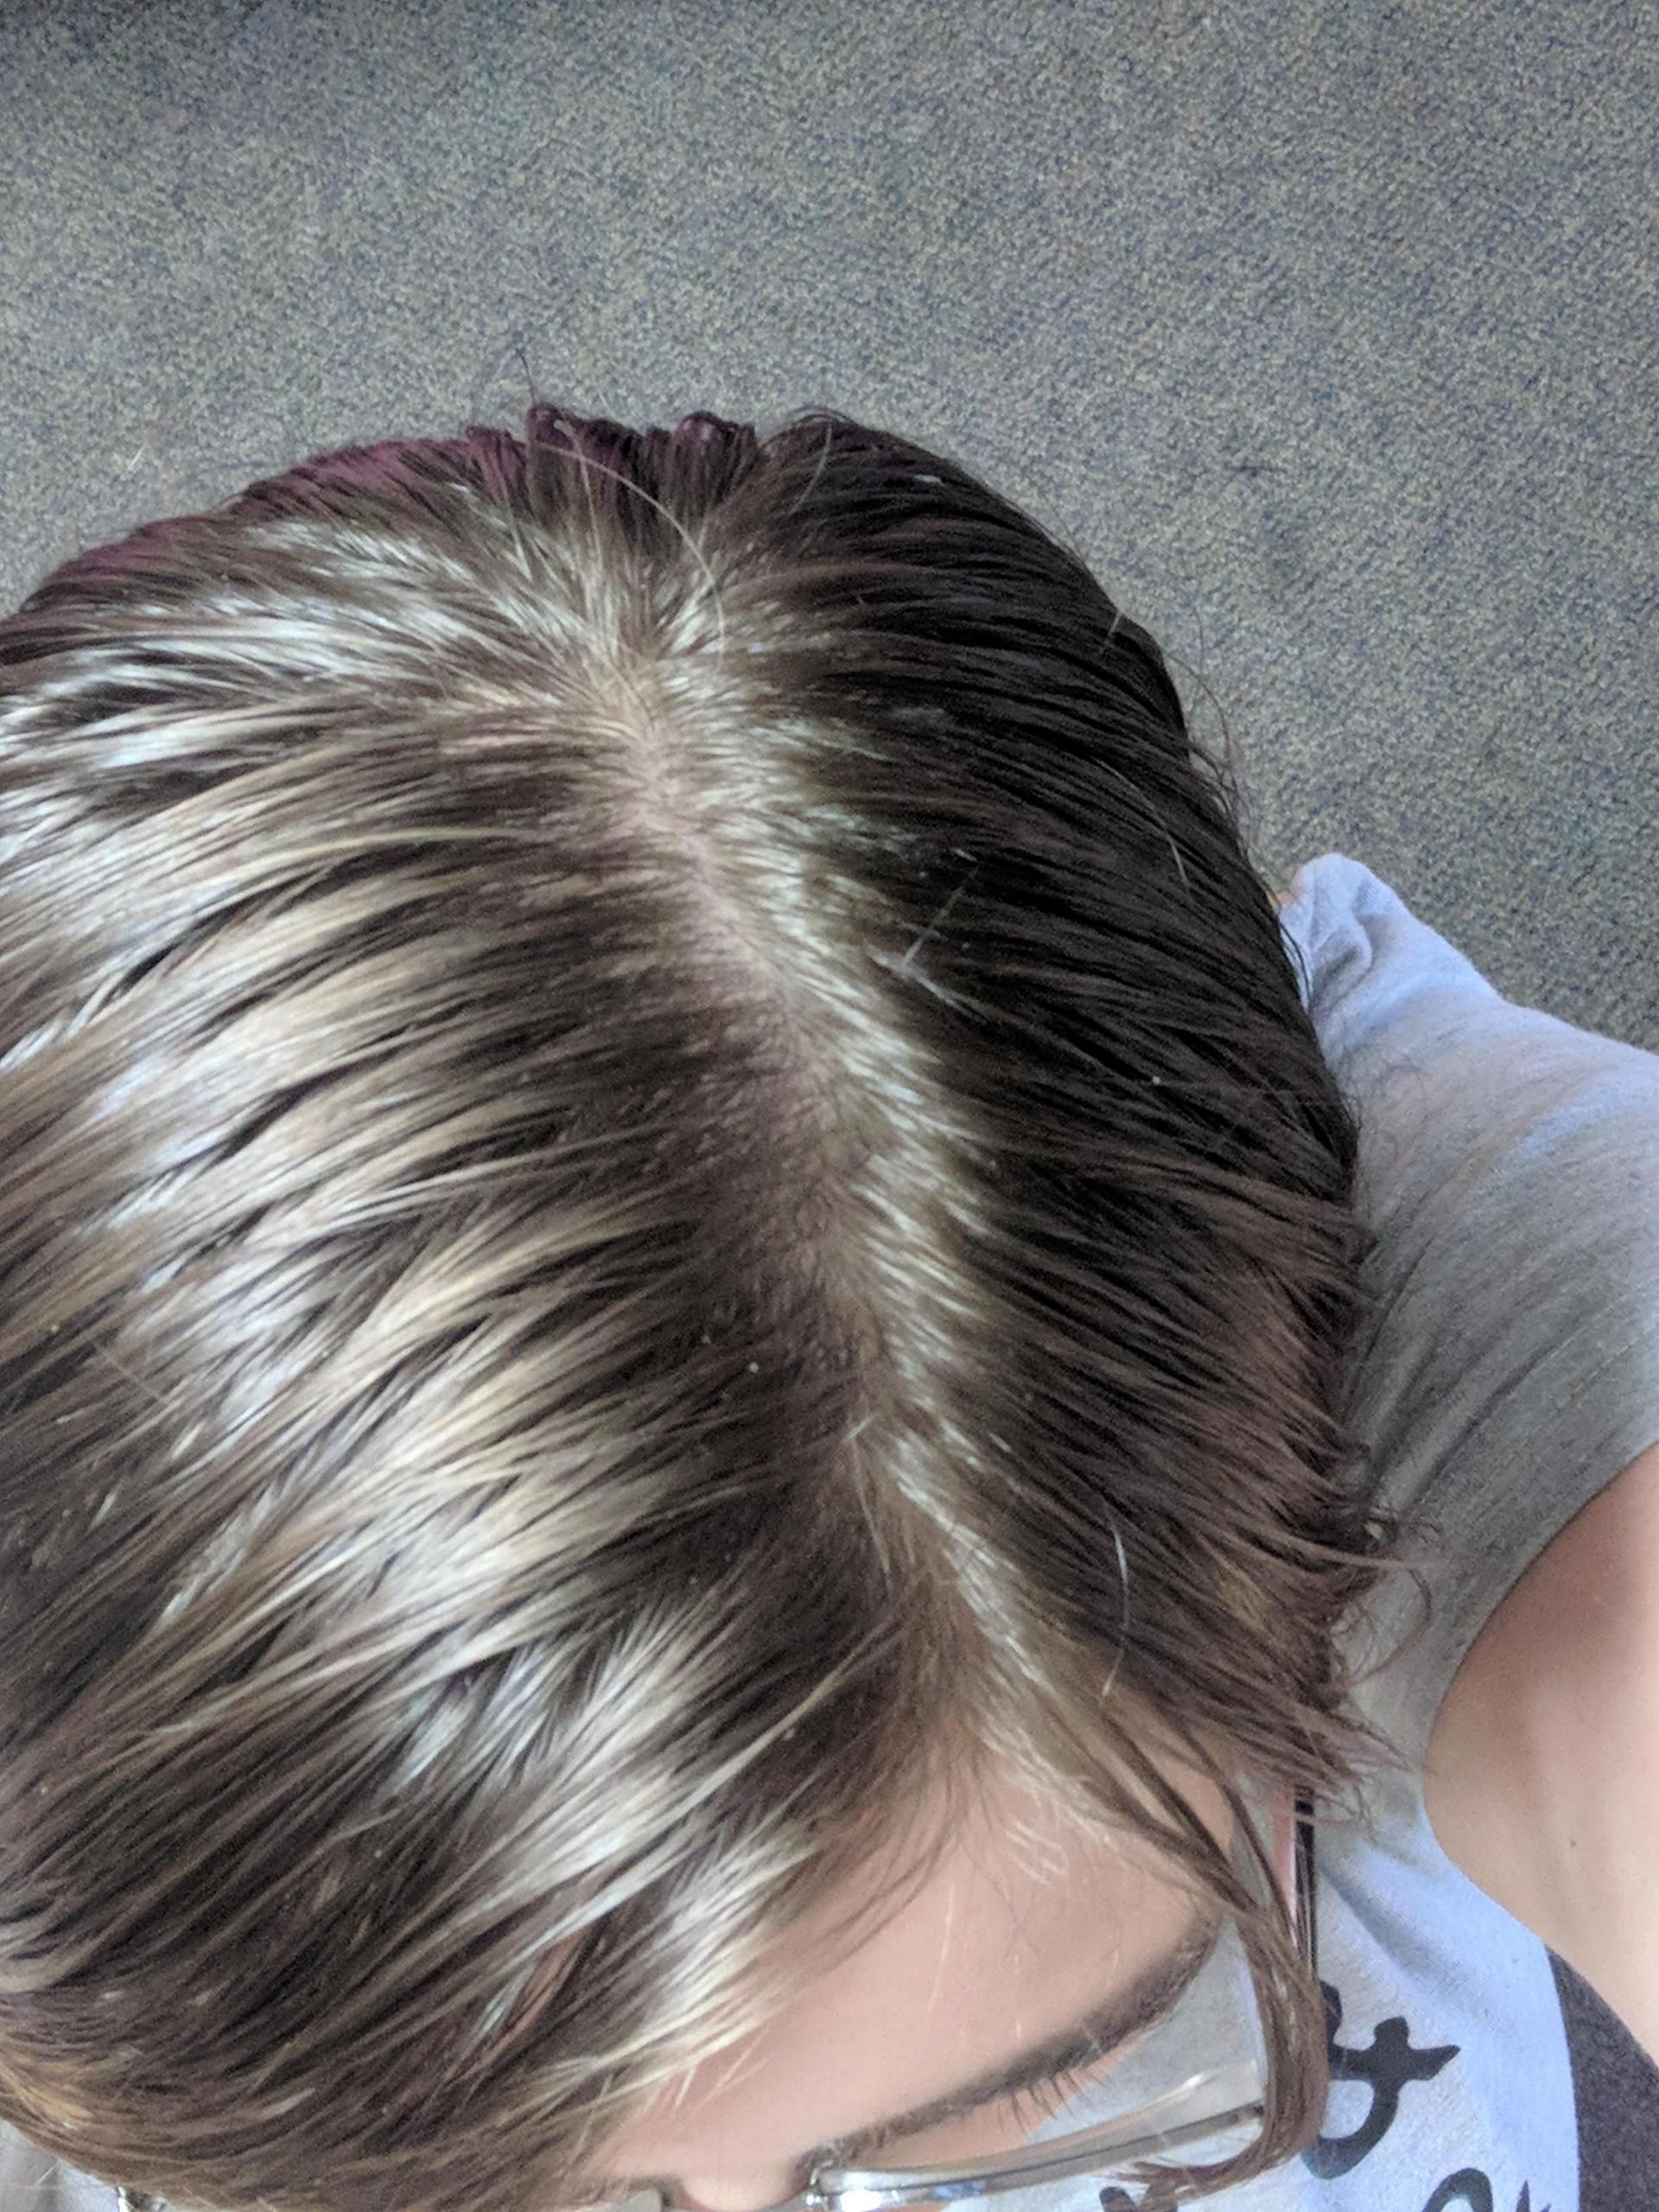 Modern Design Ideas for Receding Normal Hairline